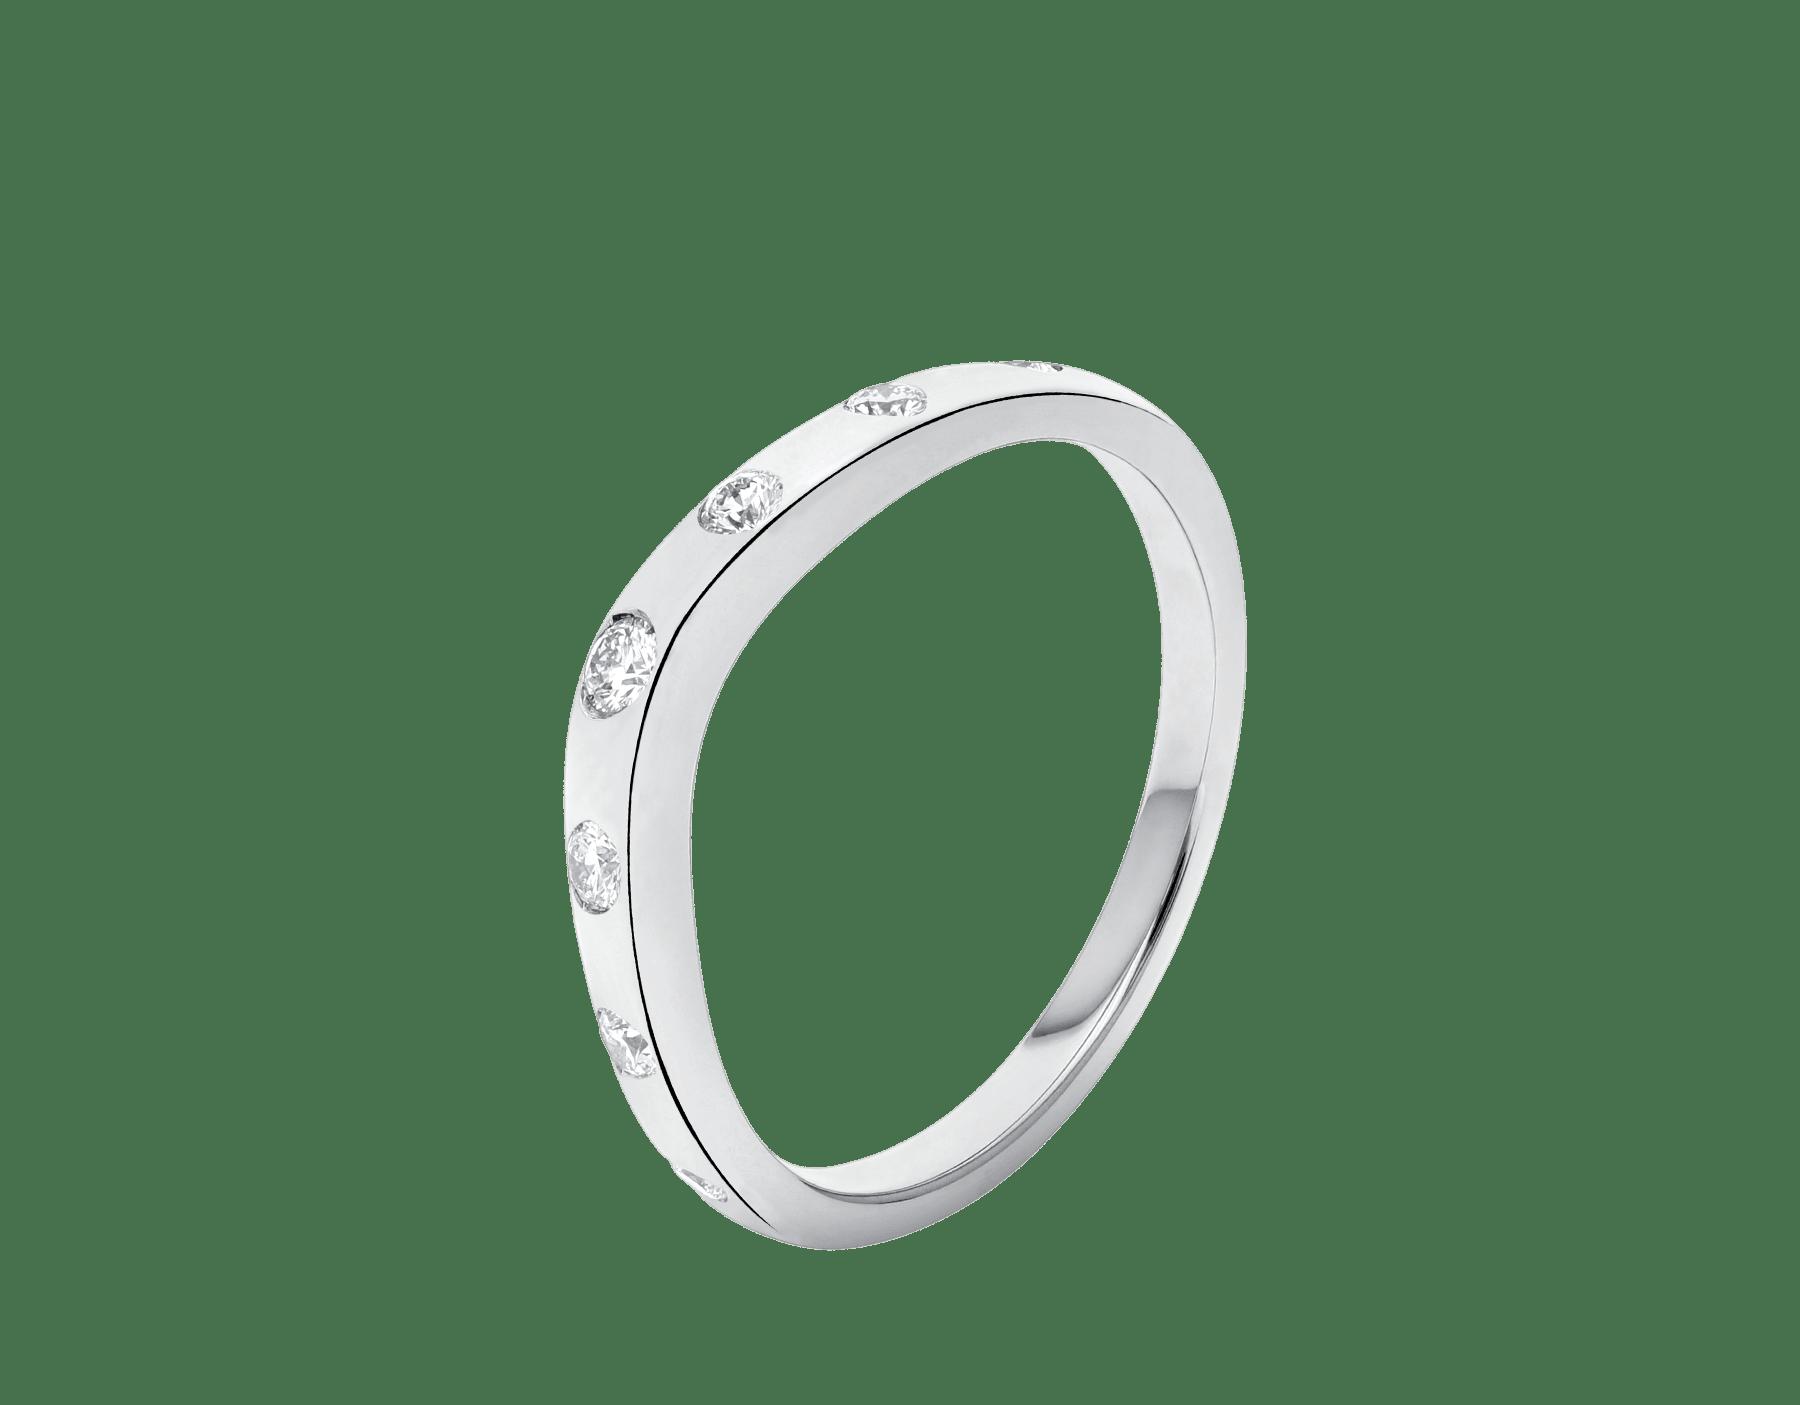 フェディ ウェディング・リング。ダイヤモンド7個を配したプラチナ製。 Corona-2 image 1